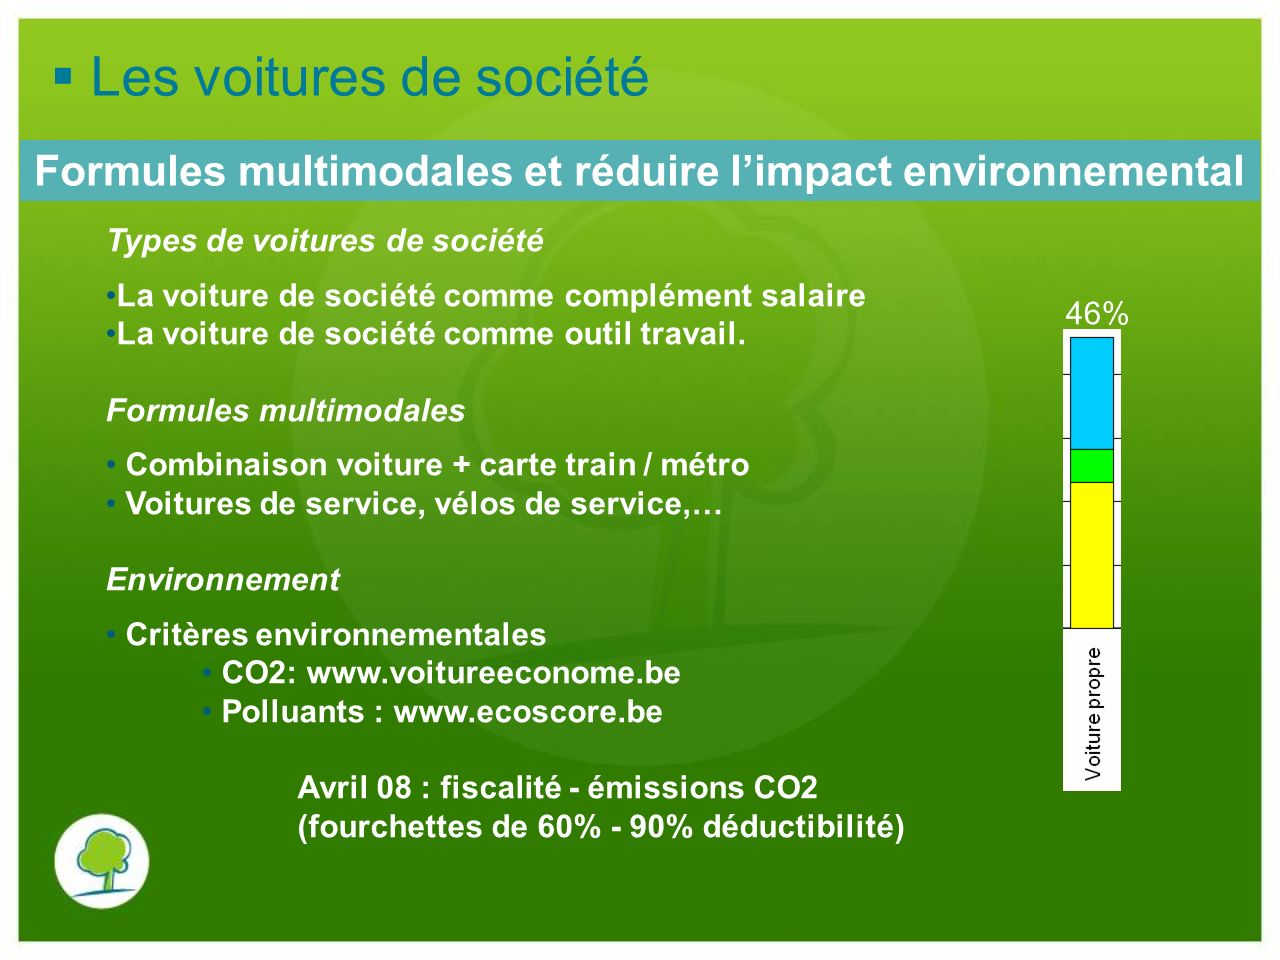 Formules multimodales et réduire l'impact environnemental